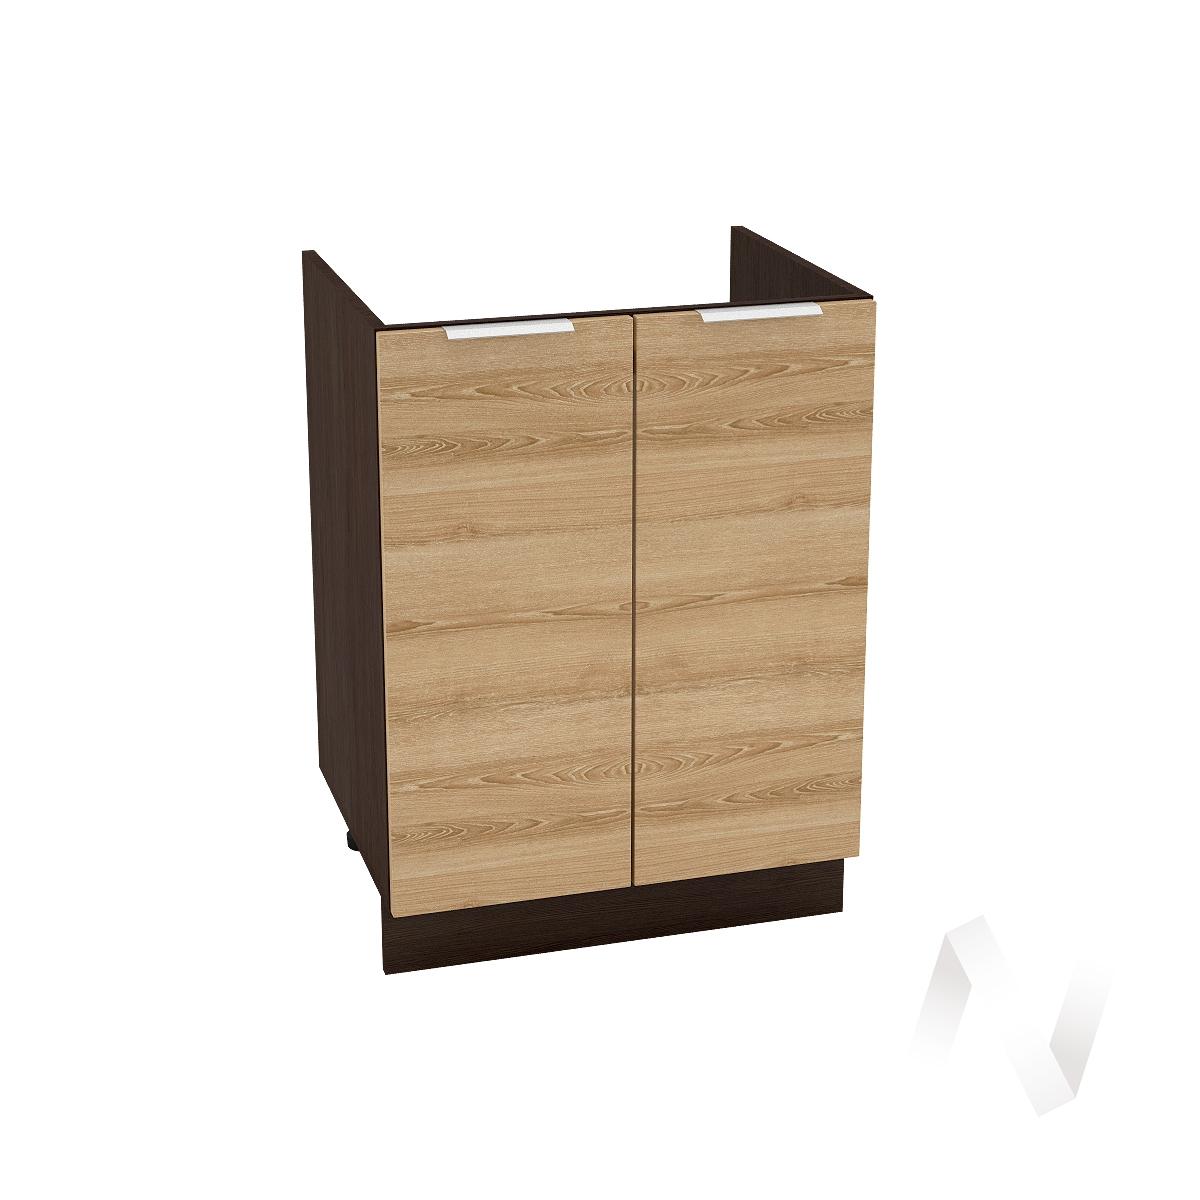 """Кухня """"Терра"""": Шкаф нижний под мойку 600, ШНМ 600 (ель карпатская/корпус венге)"""